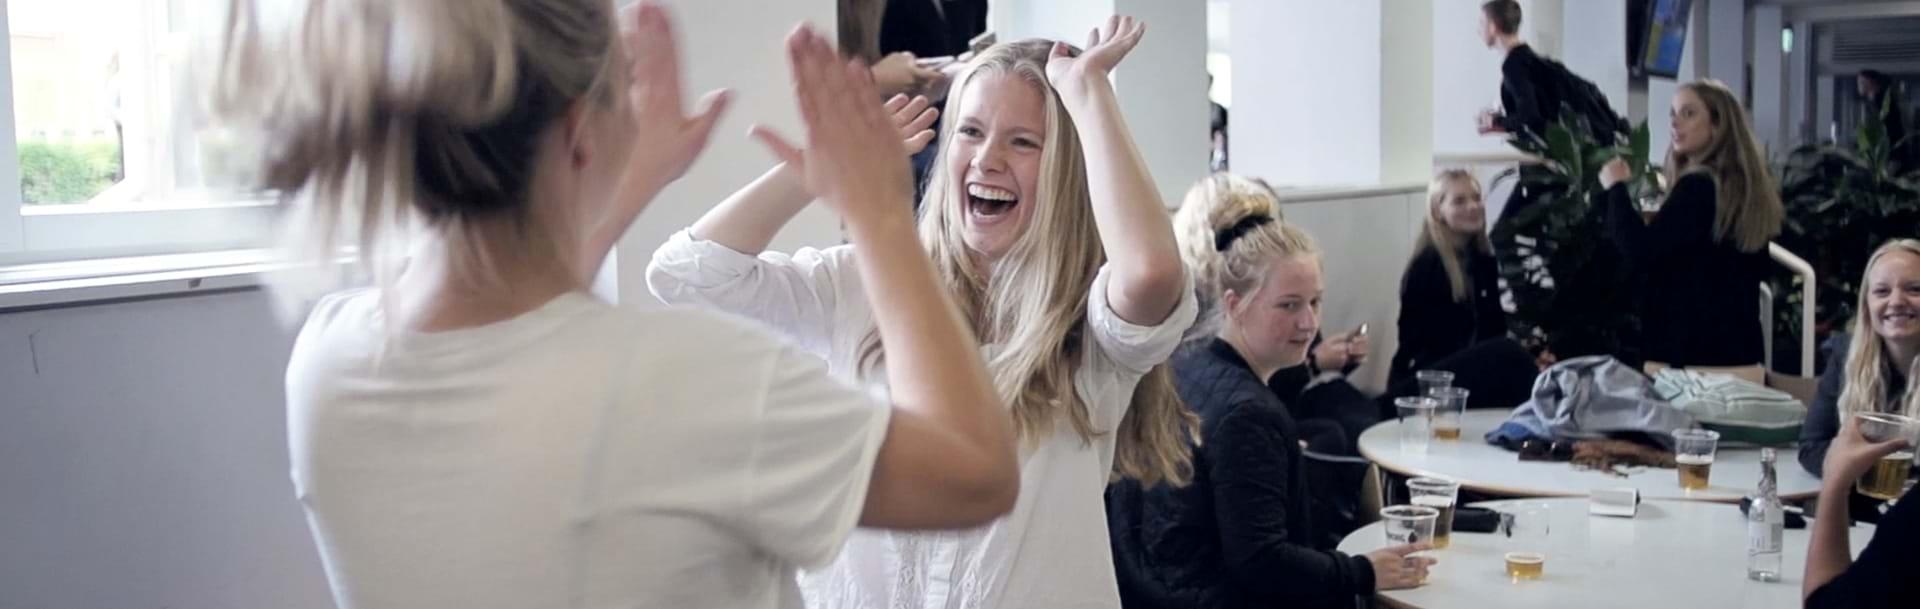 Elever som giver high-fives med øl på bordet til fredagsbar